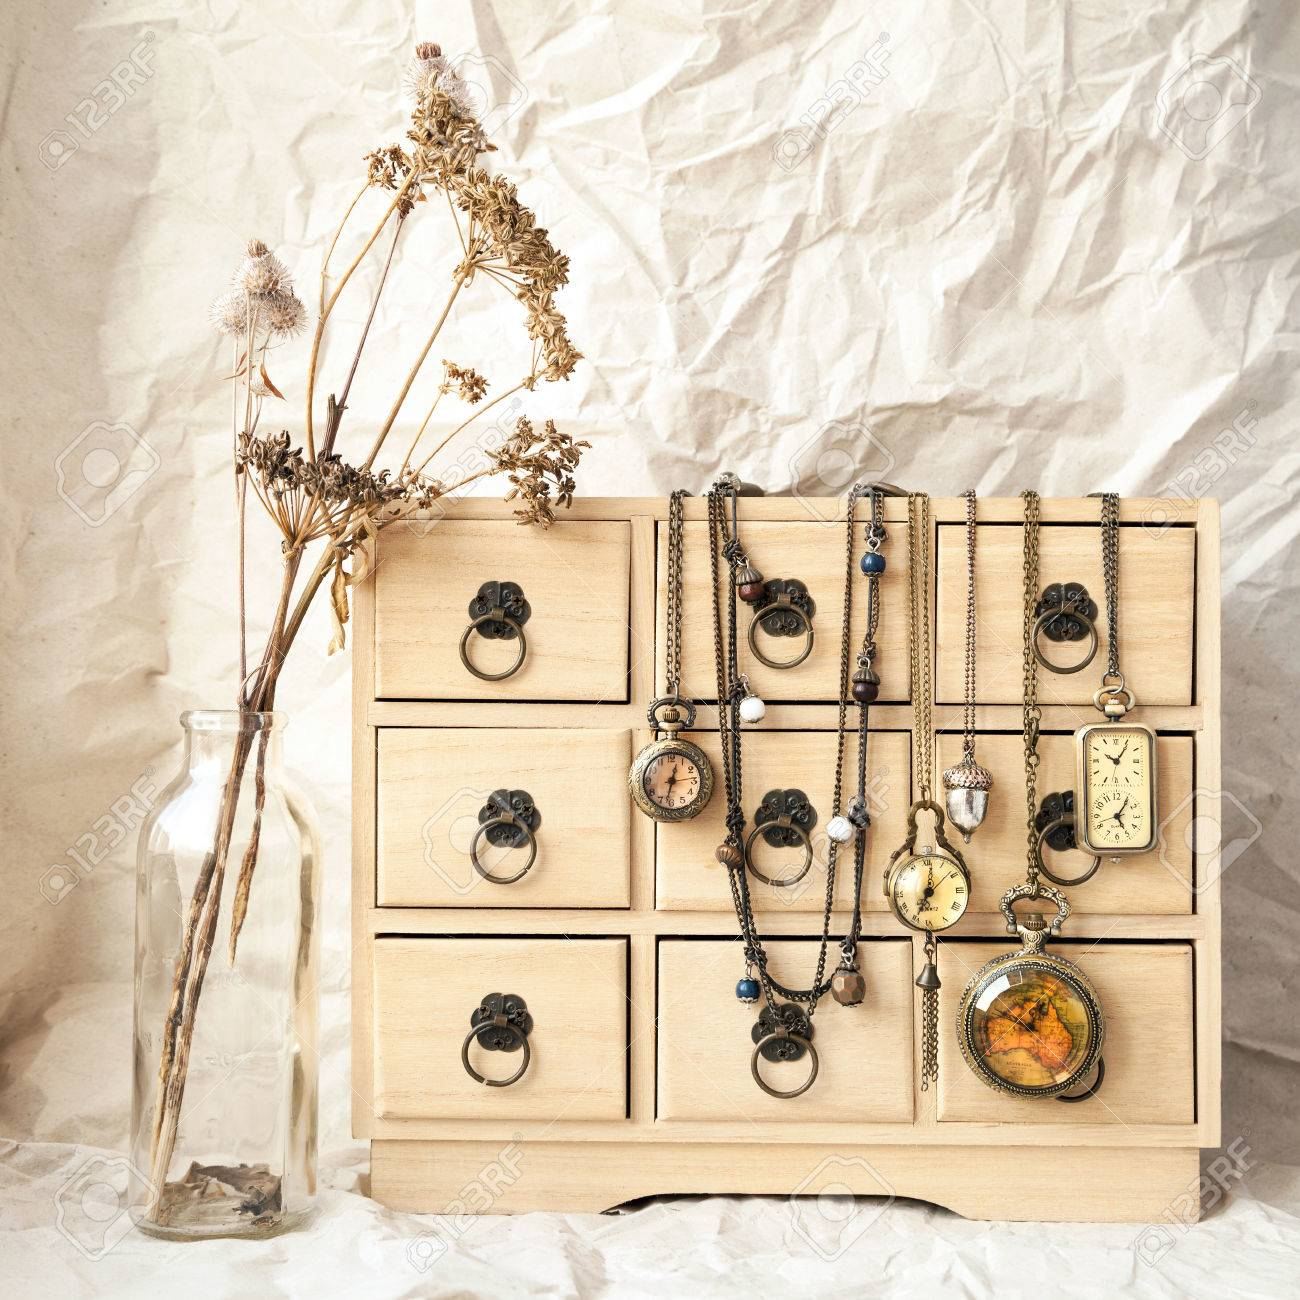 Rangement Pour Le Bois quelques vieilles montres de poche vintage sur une boîte de rangement pour  bijoux en bois, notion de temps. nature morte rétro - fleurs sauvages